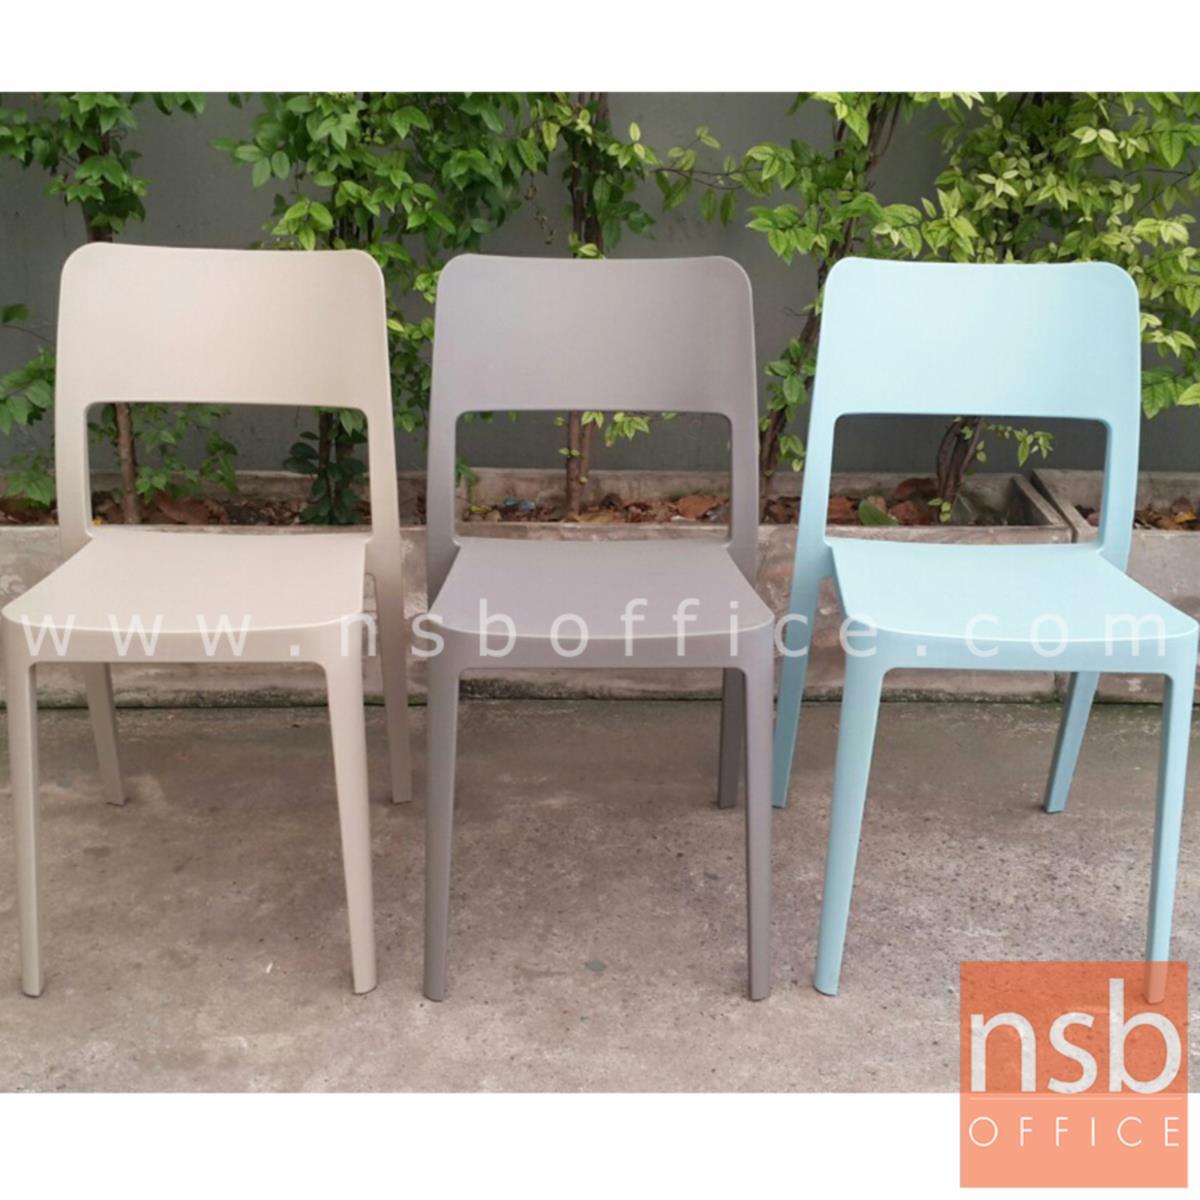 เก้าอี้พลาสติกโมเดิร์น รุ่น Mika (มิกะ)  ไม่มีท้าวแขน